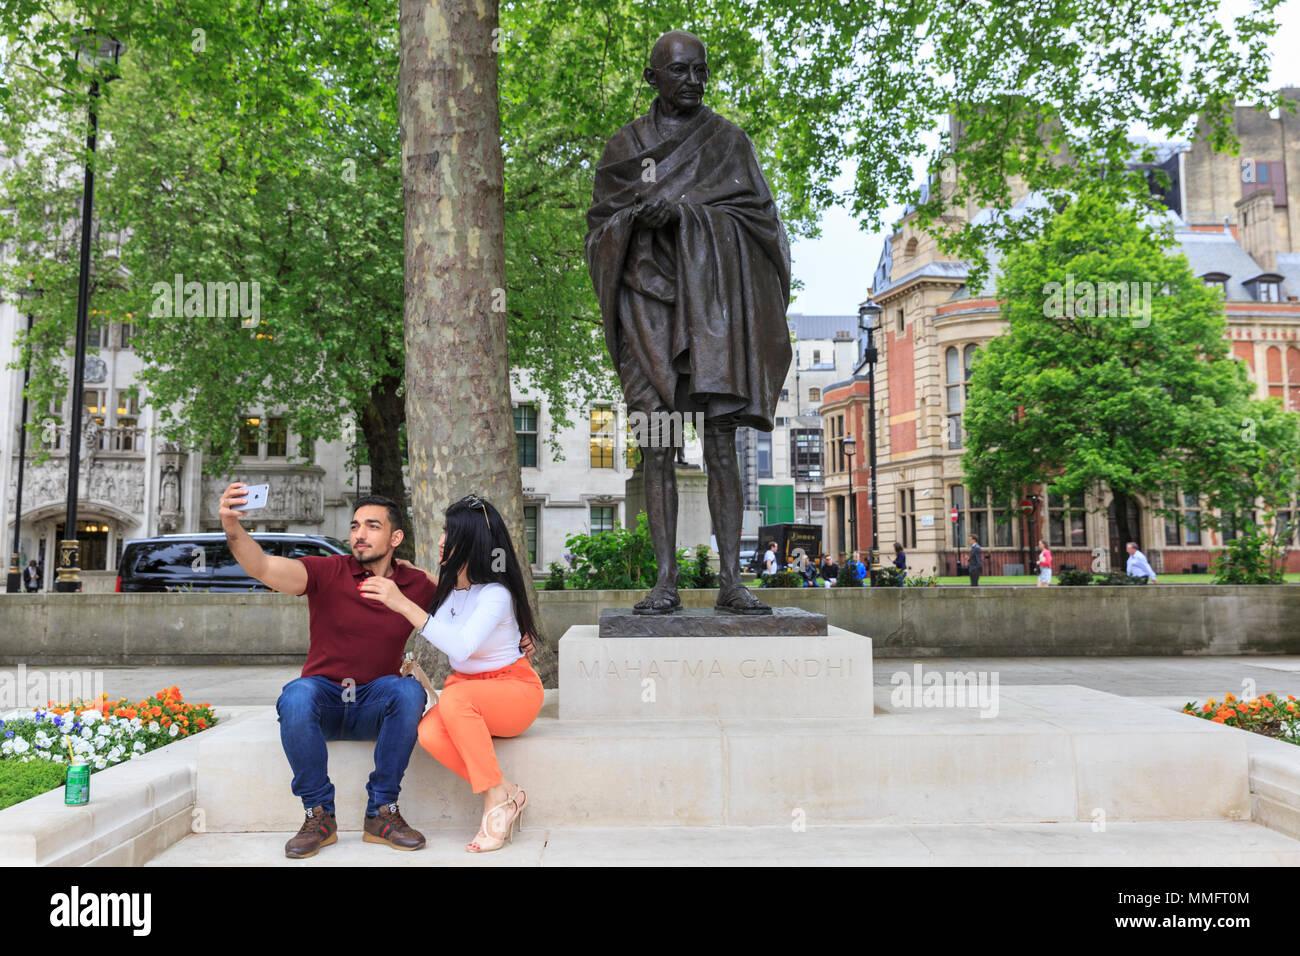 Westminster, London, 11. Mai 2018. Ein paar nehmen selfies vor dem Mahatma Gandhi Statue in Parliament Square. Trotz der bewölkt und etwas kältere Wetter, Touristen um Westminster und South Bank sind in großen Zahlen genießen Sie die Sehenswürdigkeiten der britischen Hauptstadt. Credit: Imageplotter Nachrichten und Sport/Alamy leben Nachrichten Stockfoto